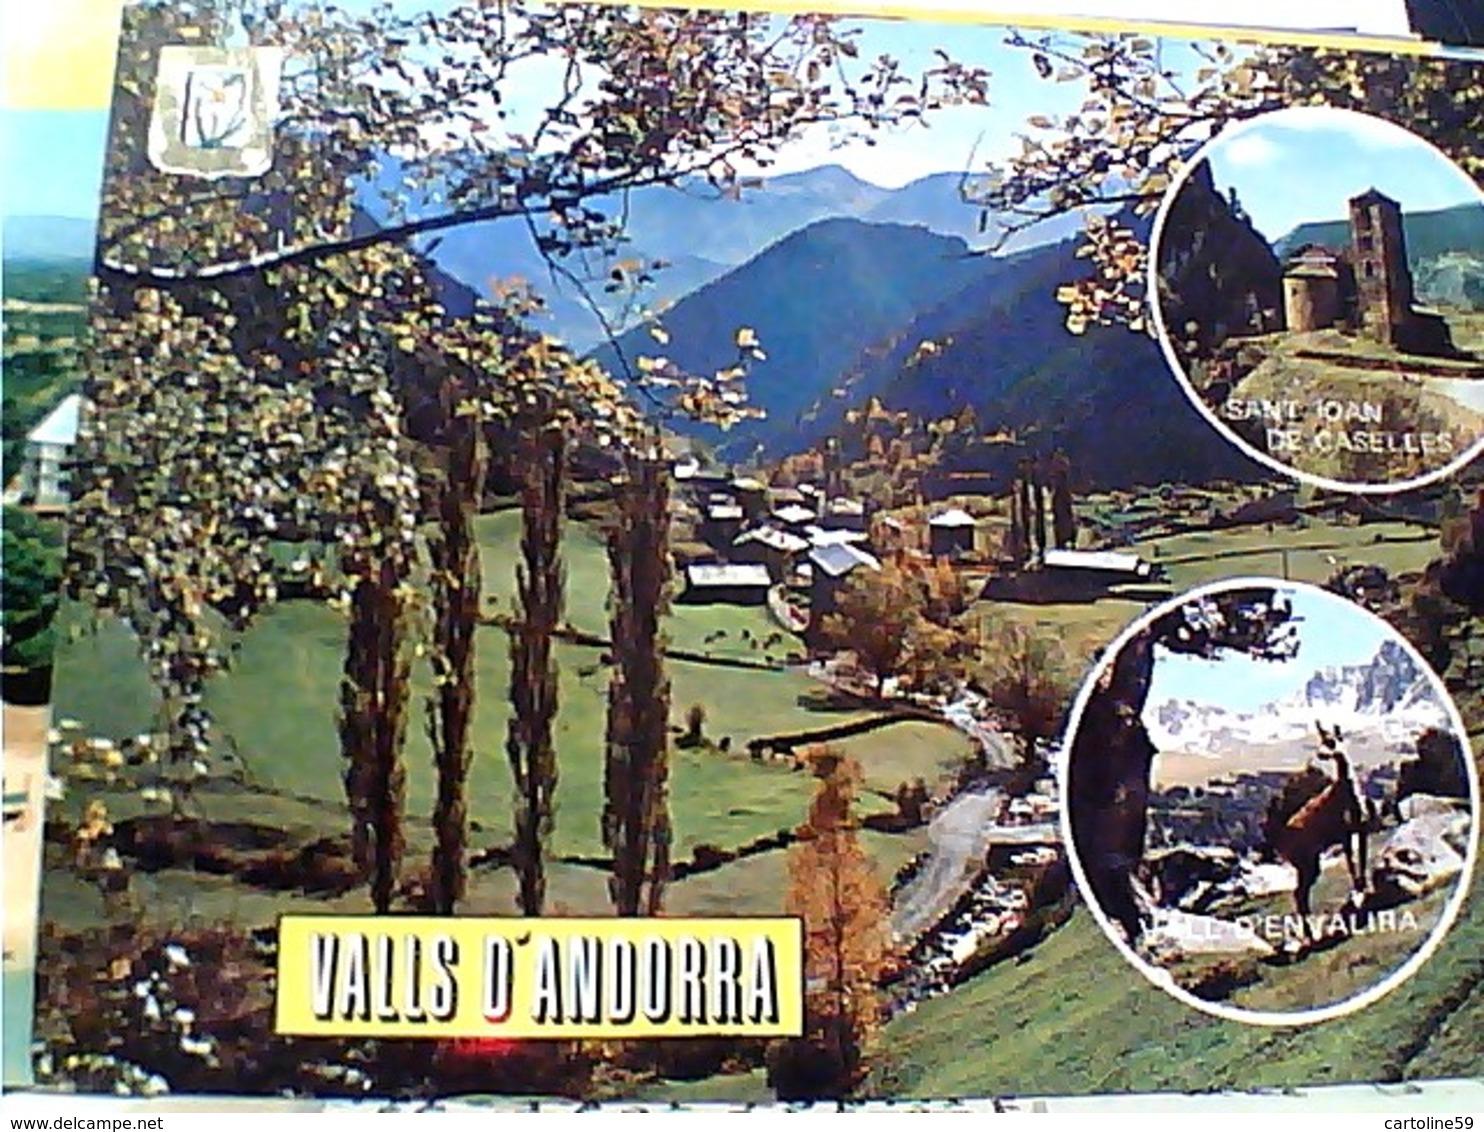 VAL D'ANDORRA VUES STAMP TIMBRE SELO  ESPANA  8 P  S Juan De La PENA GX5698 - Andorra